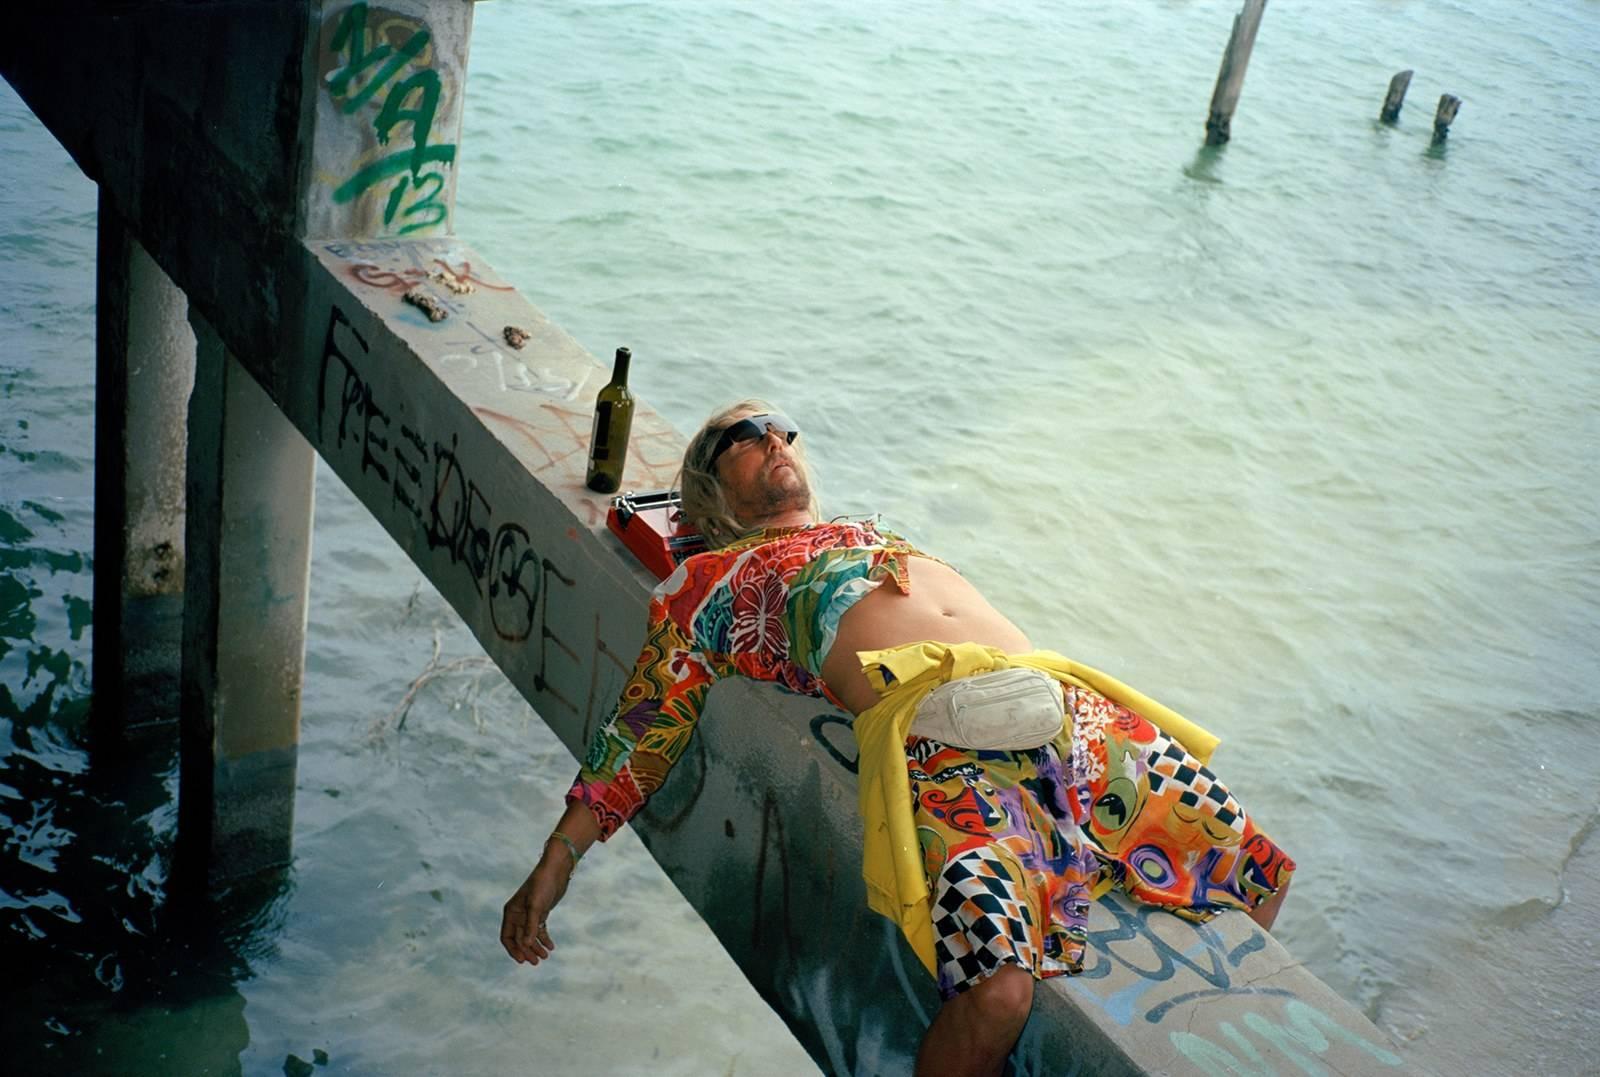 sur-le-tournage-de-the-beach-bum-la-nouvelle-comedie-du-realisateur-de-spring-breakers